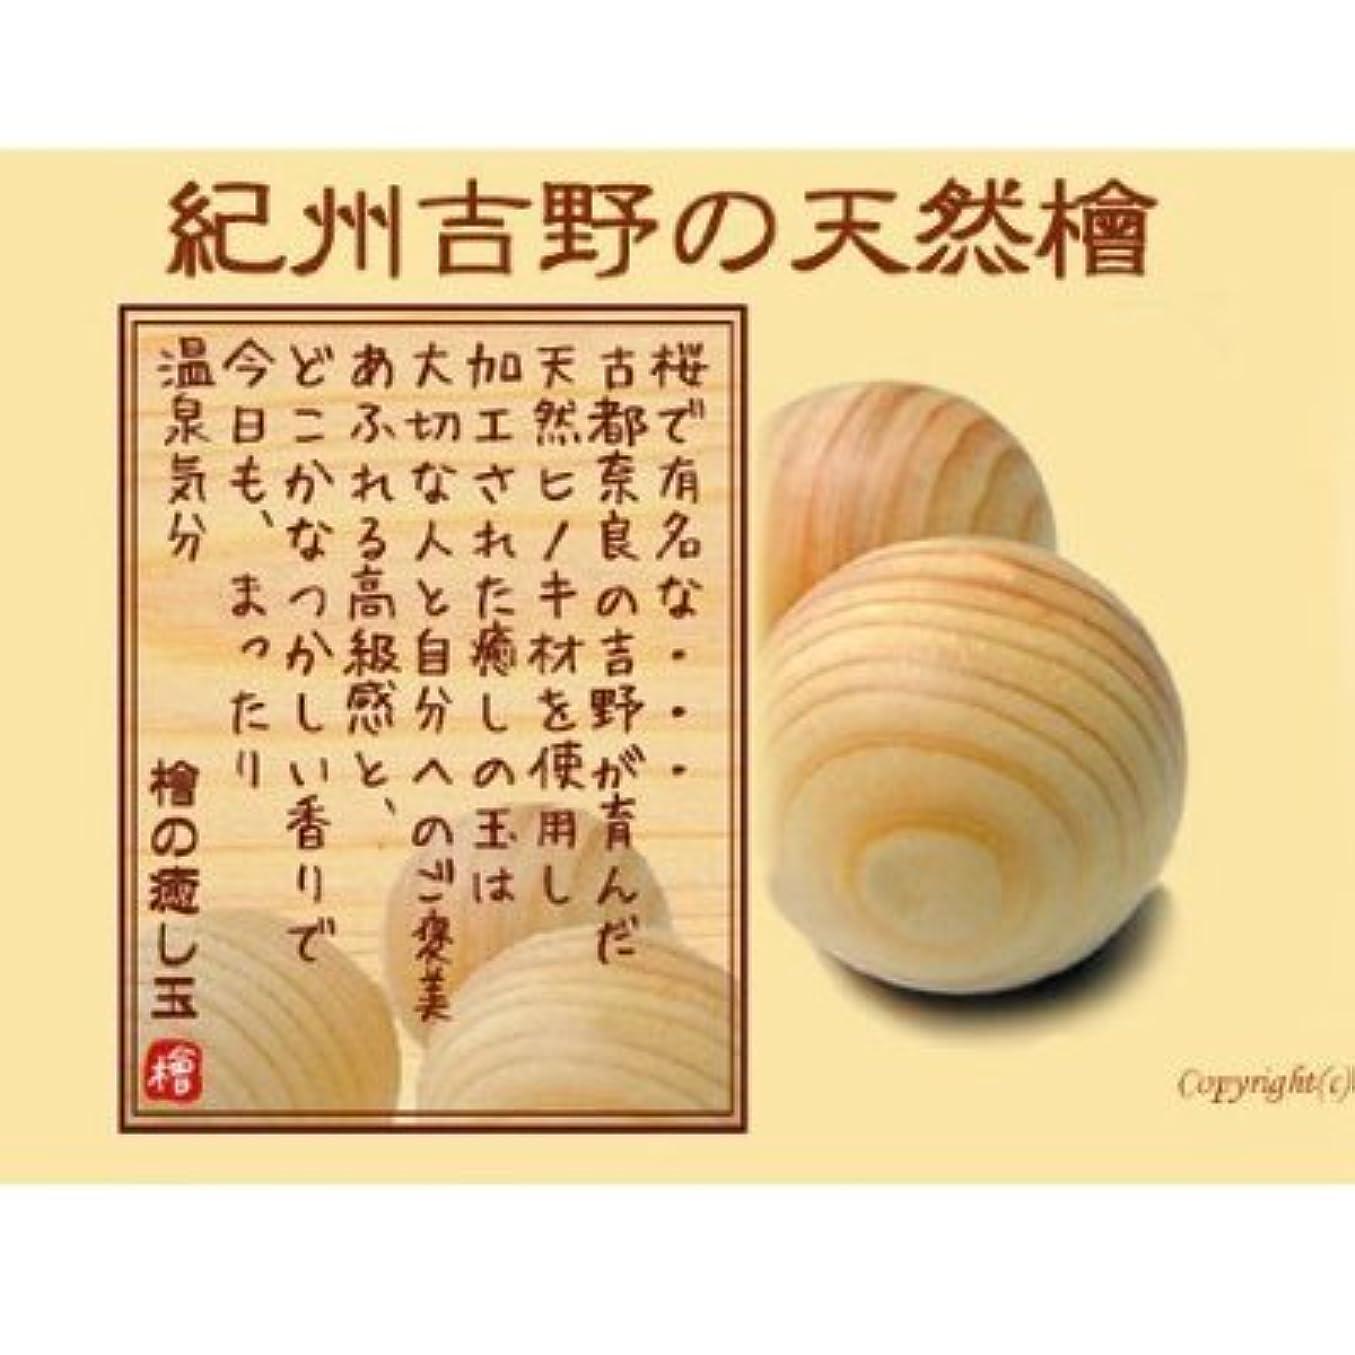 キャメルより平らな離れて古都奈良の吉野が育んだ天然ヒノキ【檜の癒し玉10袋】入浴剤